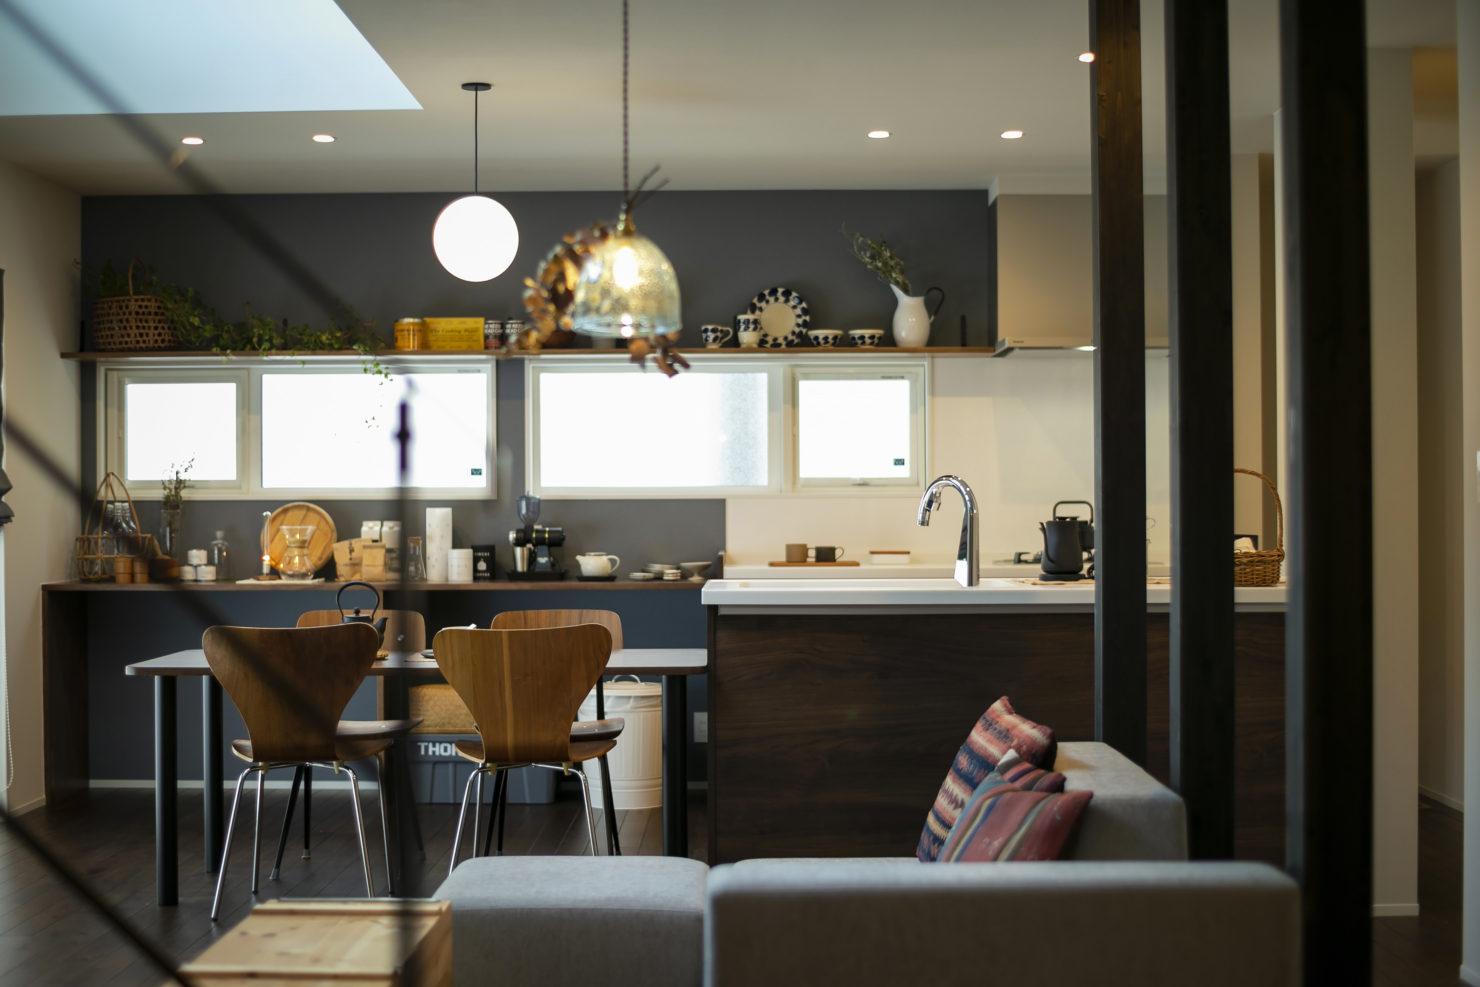 ハウスM21+archi「周囲と調和する個性的な住まい」キッチン写真